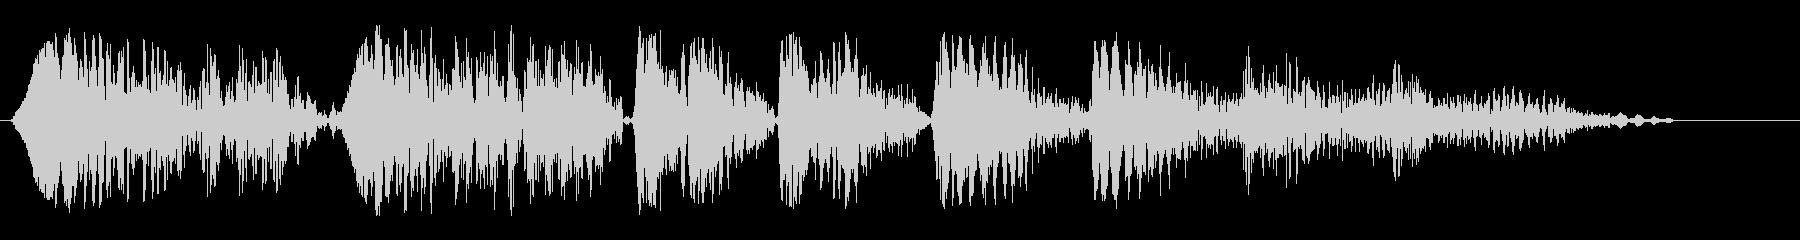 ニョンニョンピヨヨヨーン(登場音)の未再生の波形